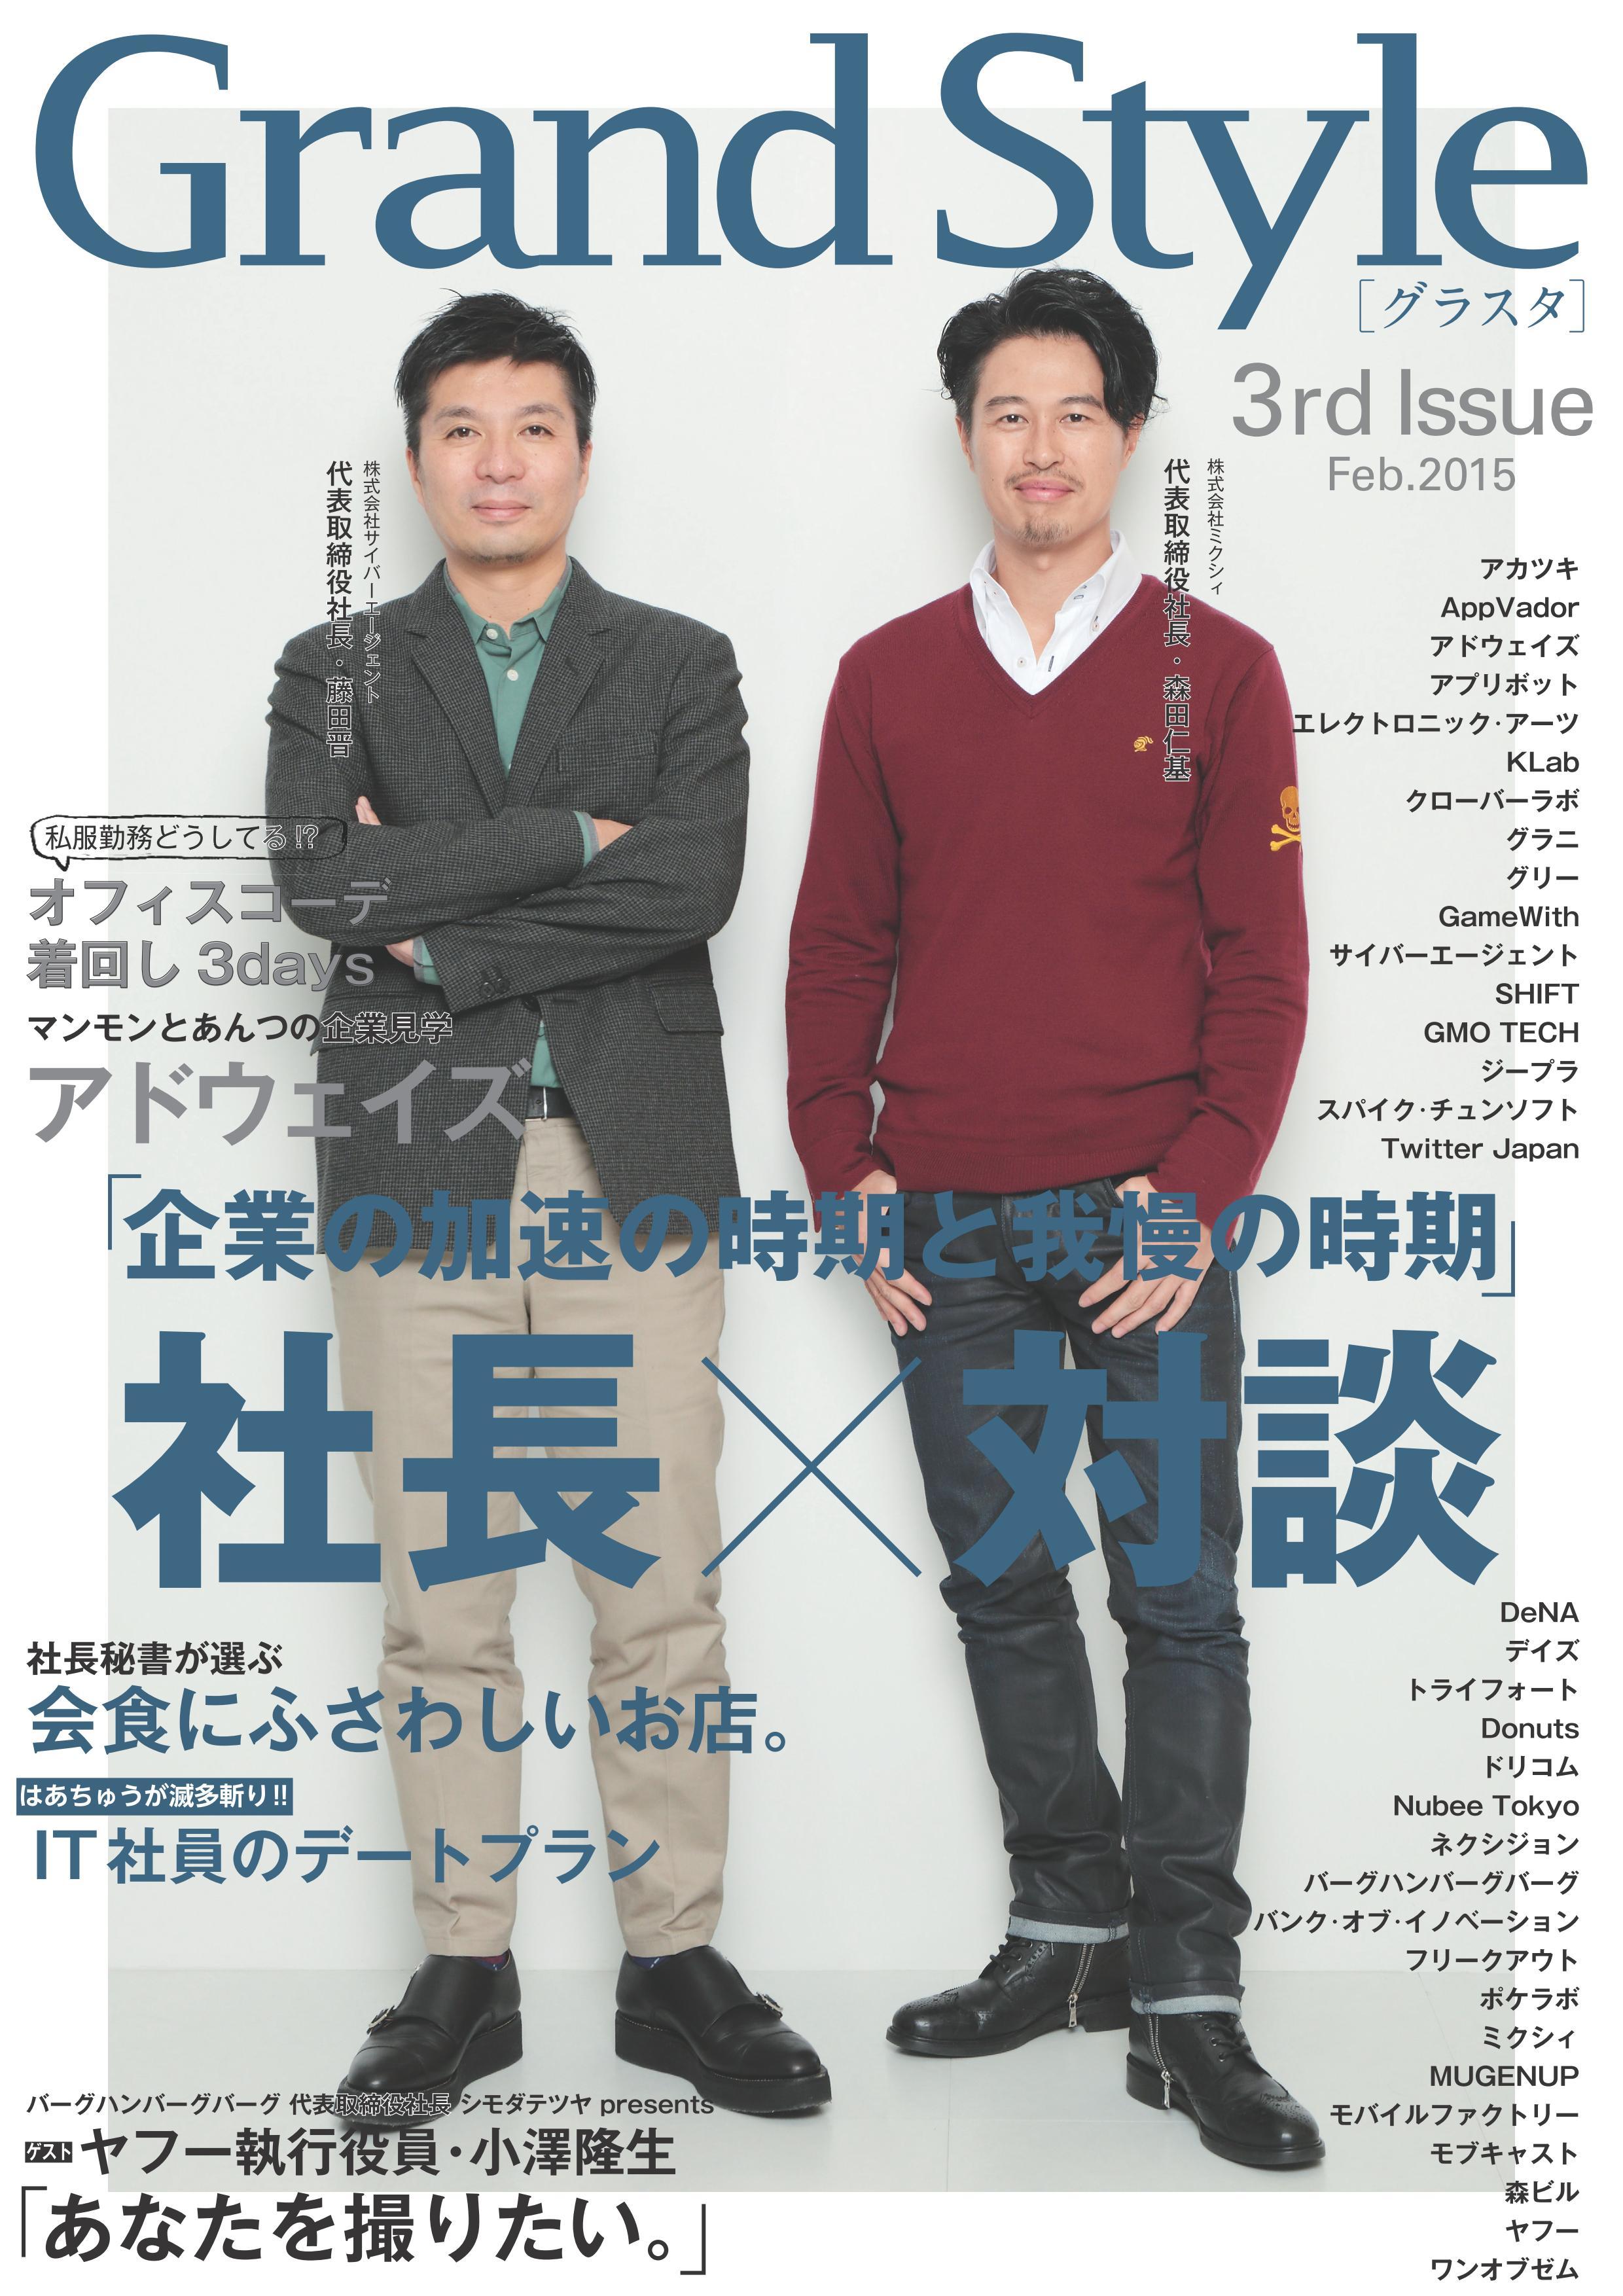 アプリ・ゲーム業界の社員・社風を紹介する業界誌、『Grand Style』(愛称:グラスタ) 新創刊!